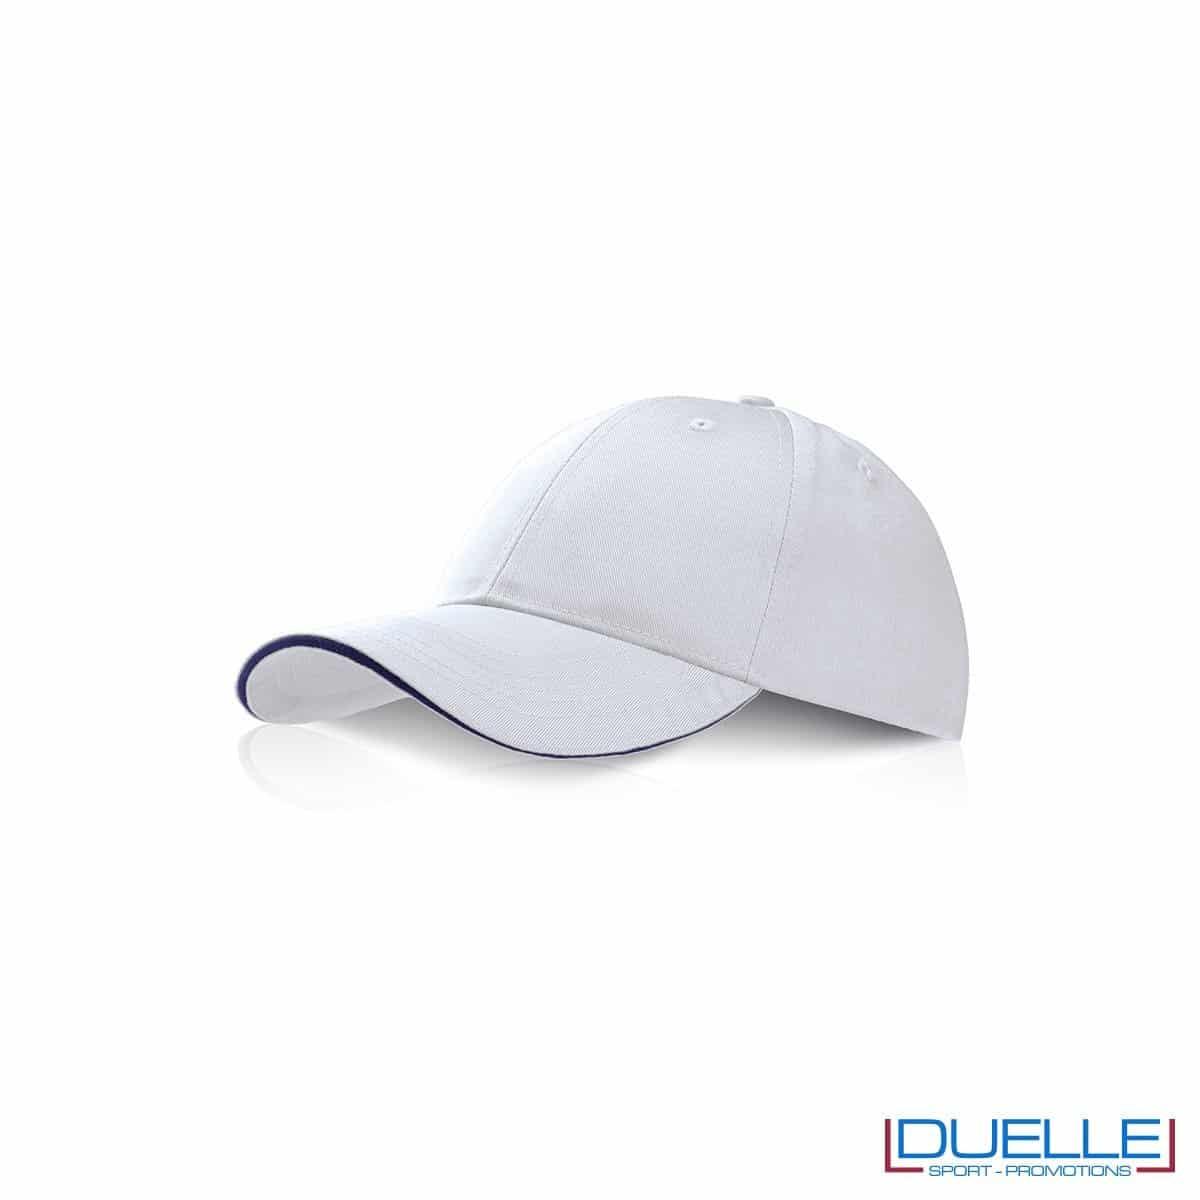 Cappellino personalizzato con visiera a sandwich bianco, cappellini promozionali bianco